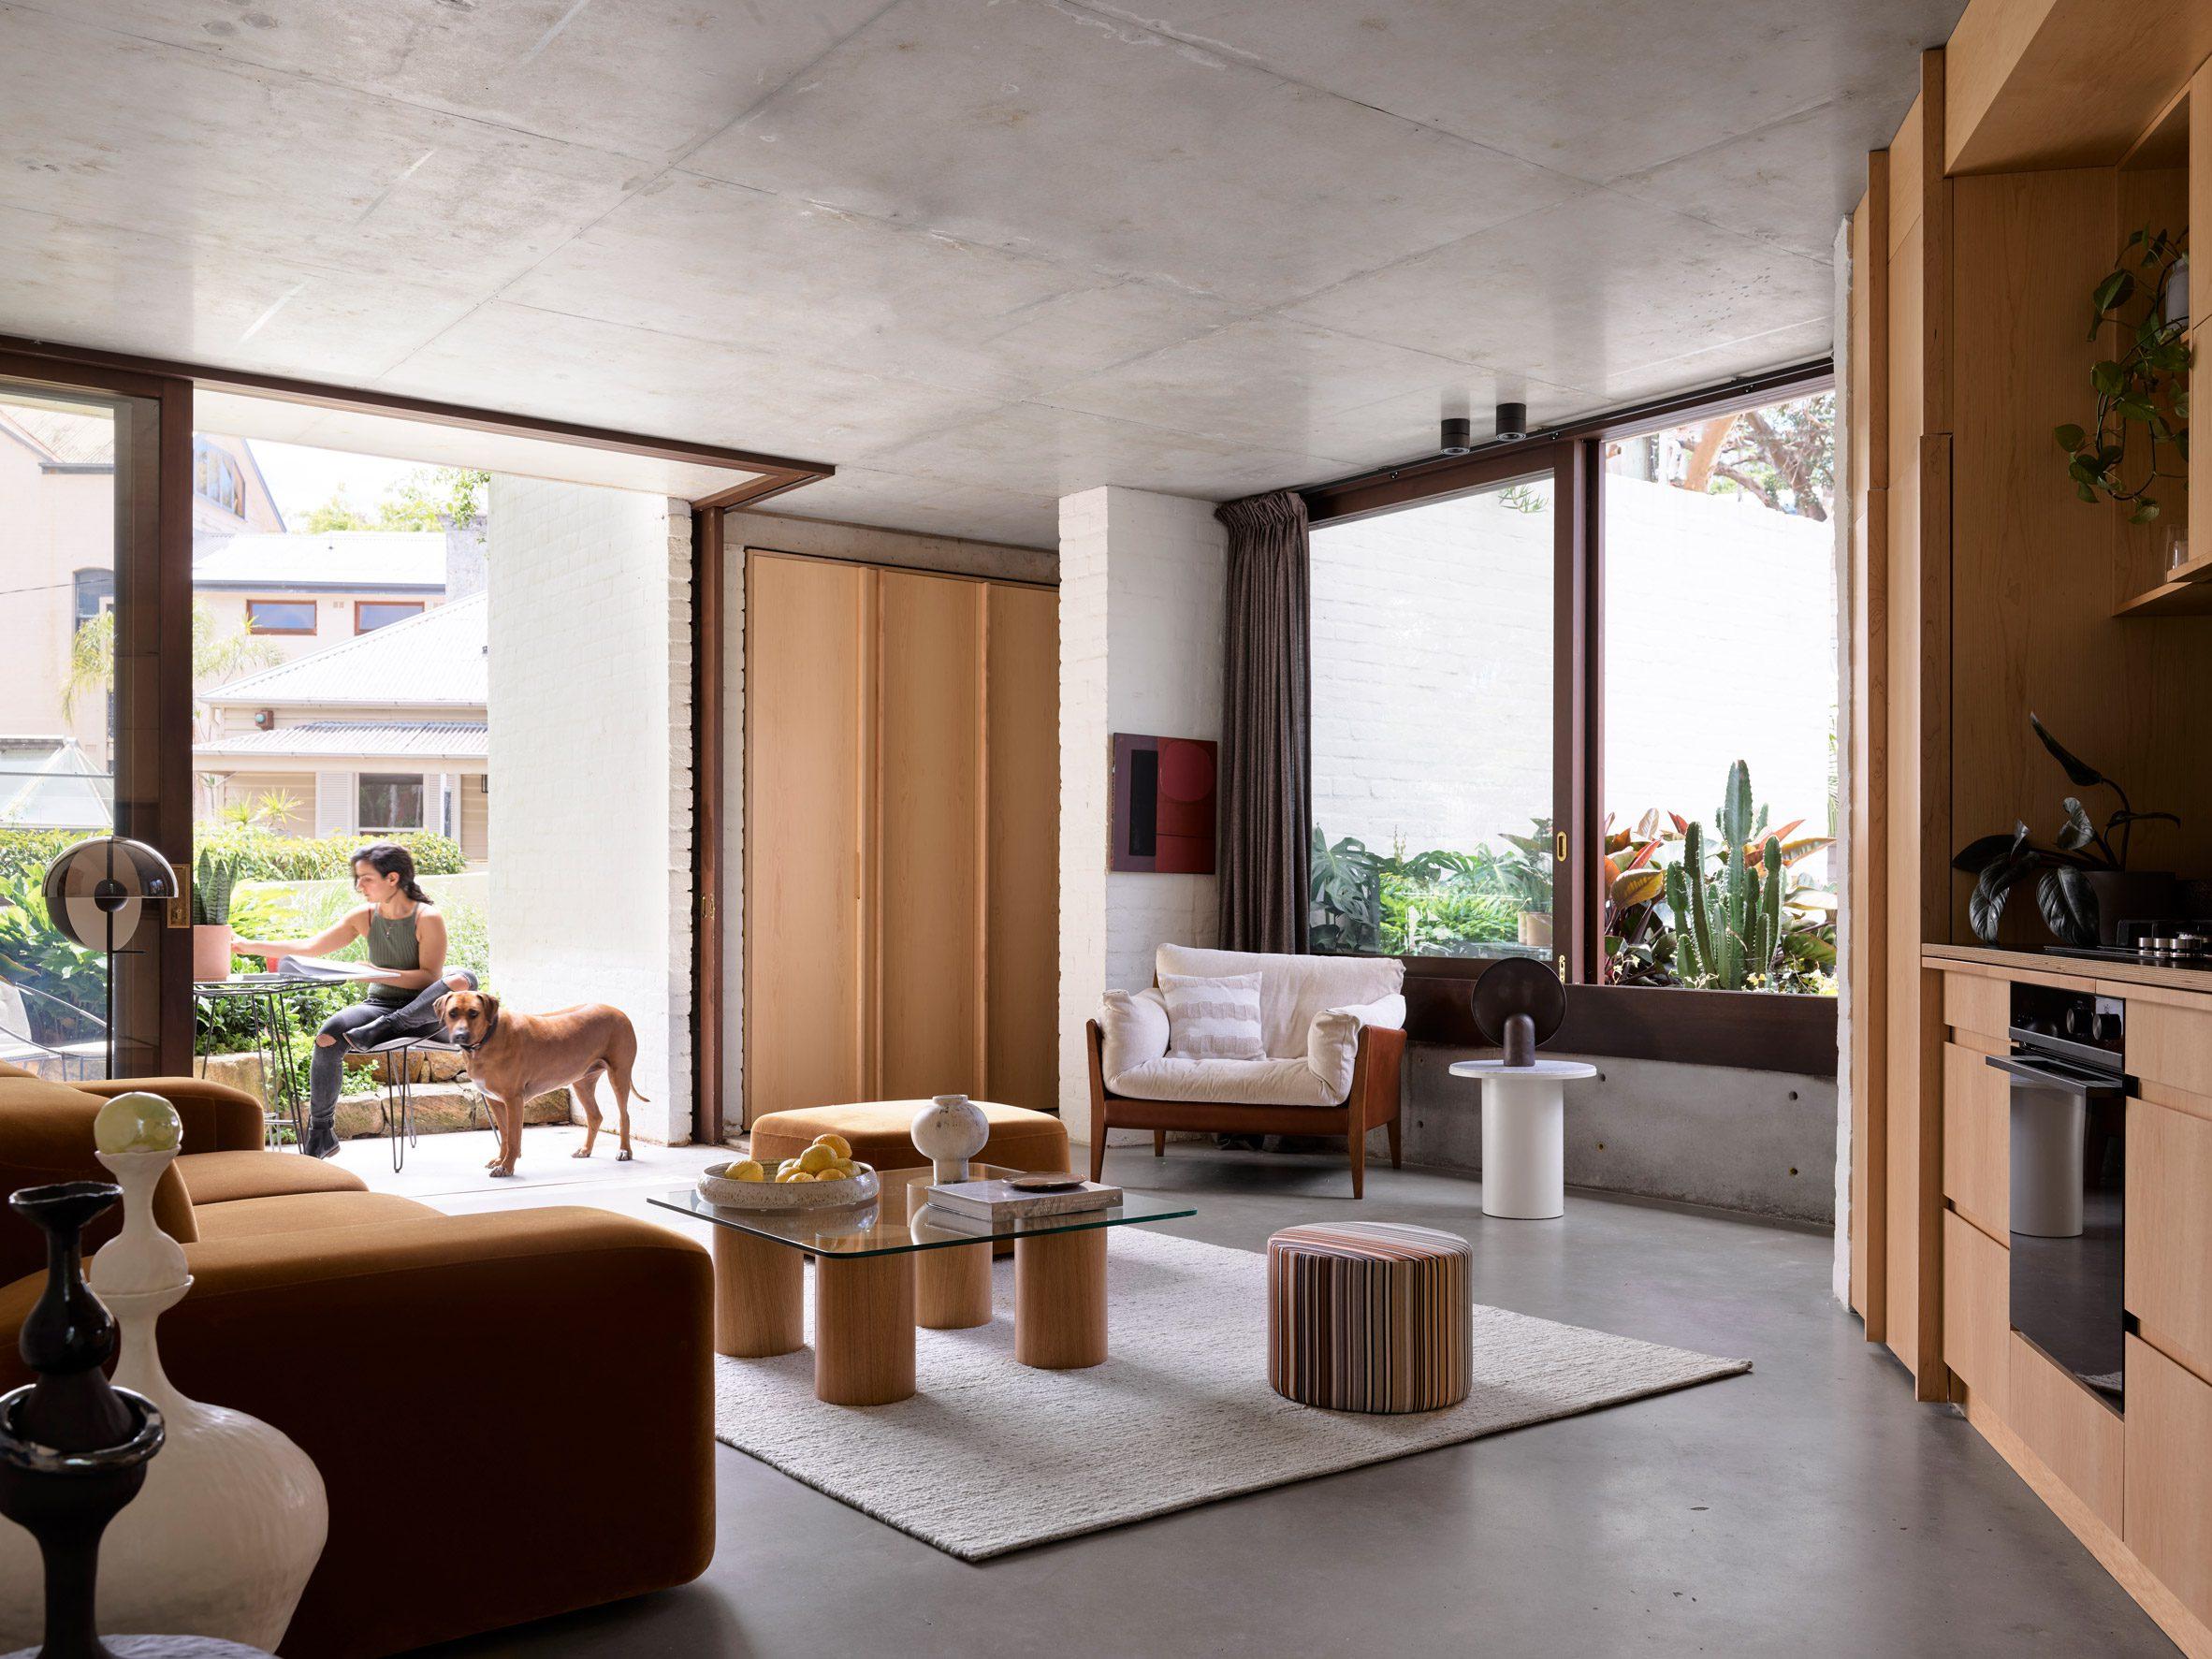 Living room in modernist house